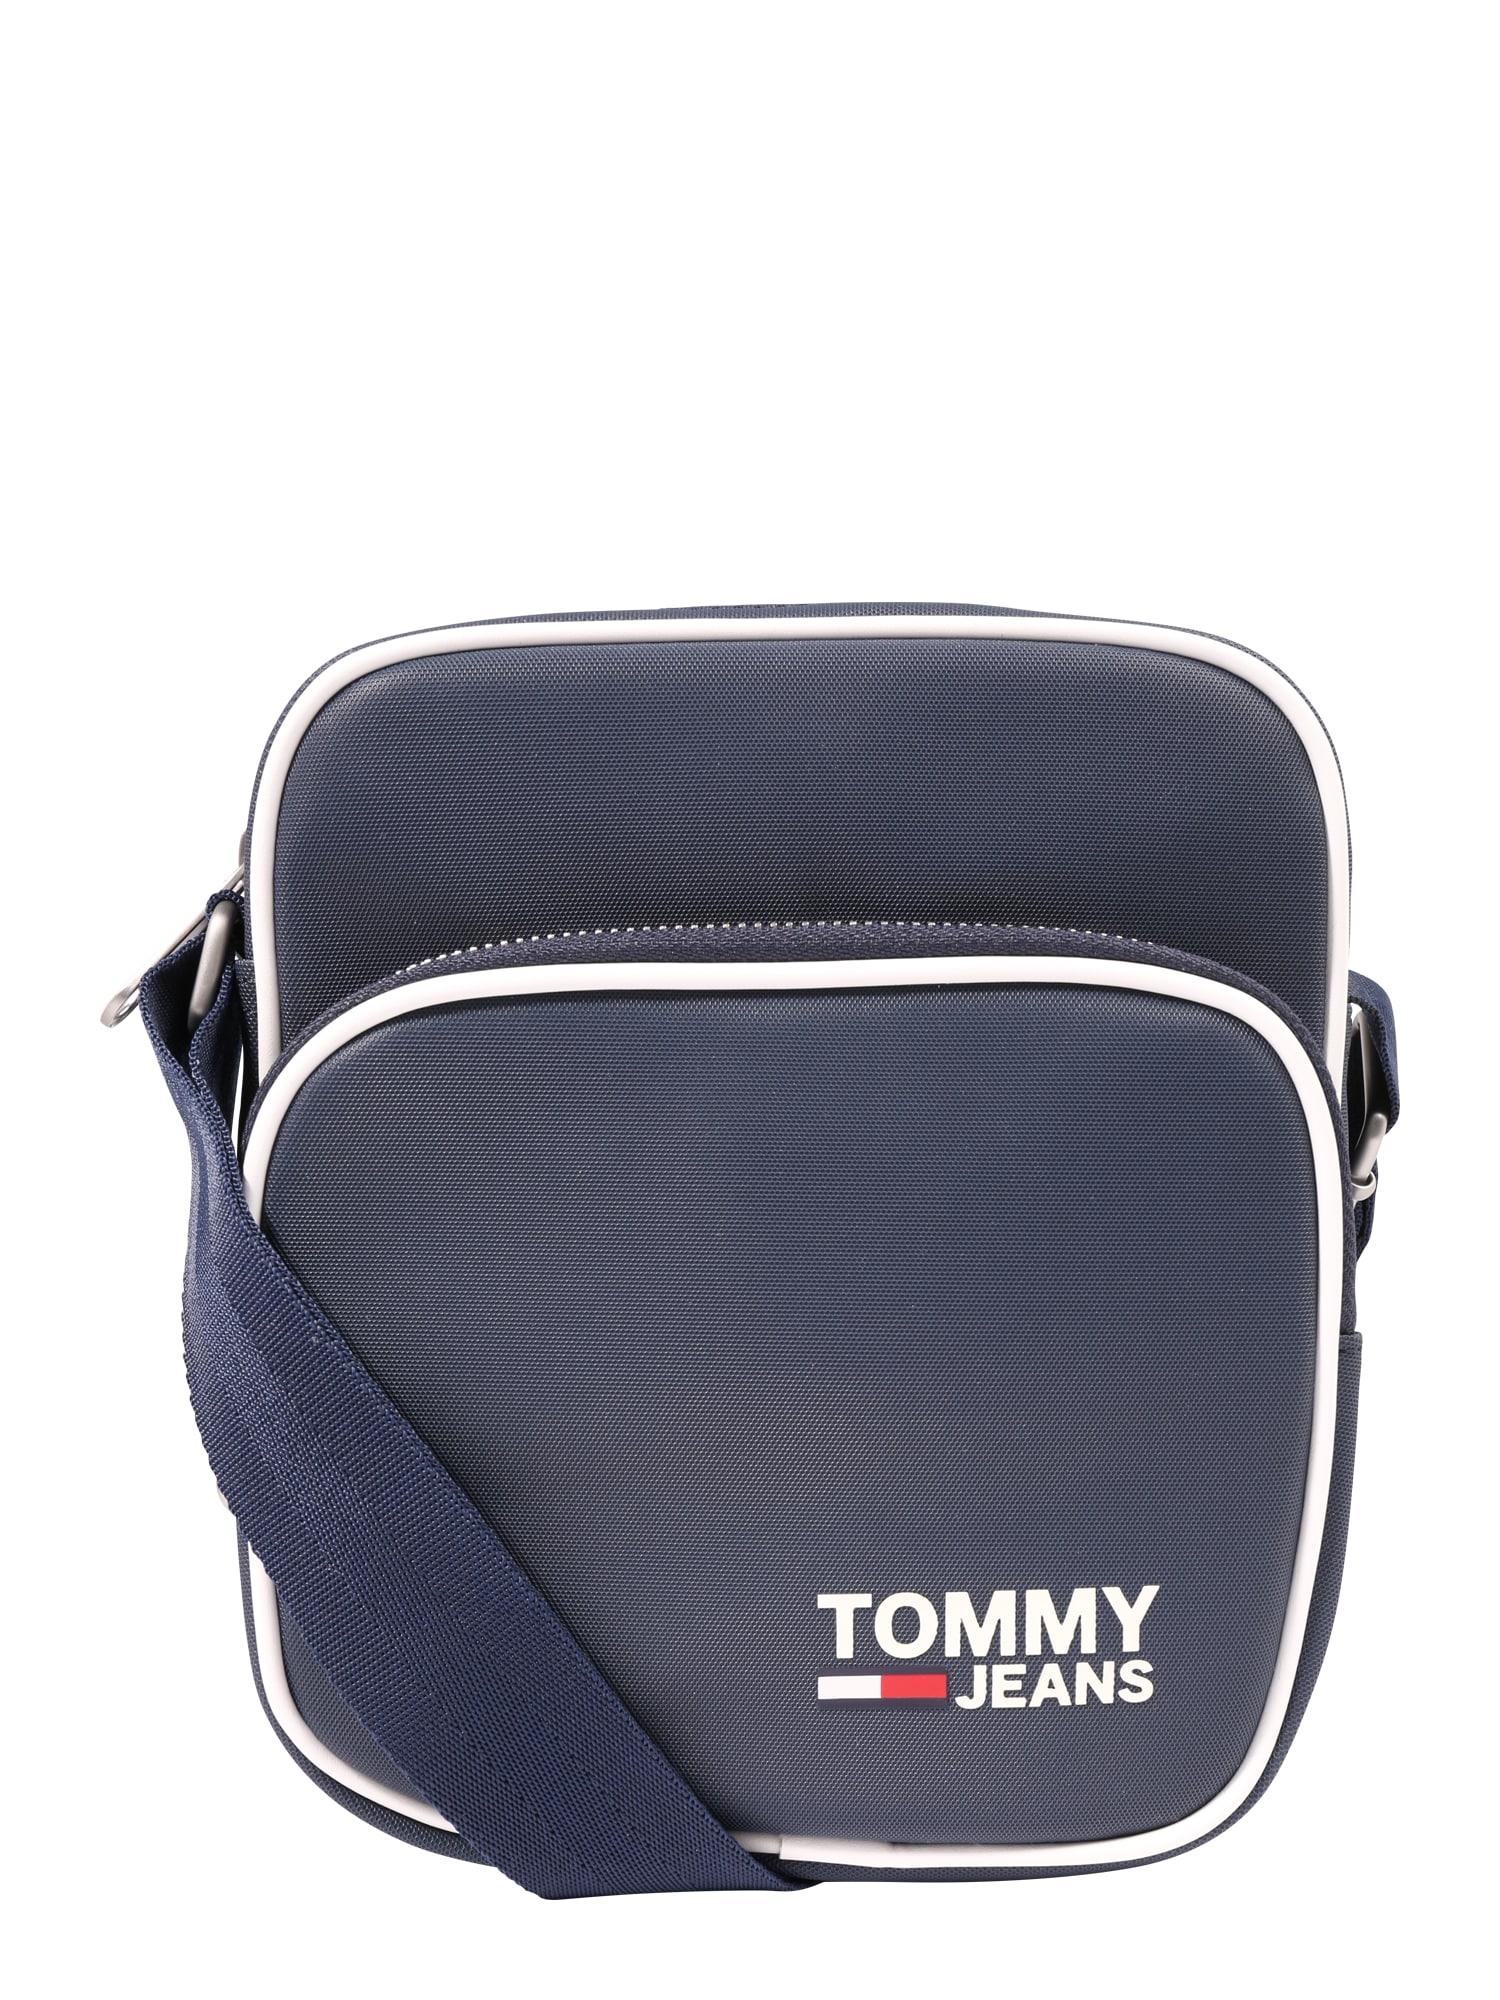 Taška přes rameno TJM MODERN PREP MINI REPORTER tmavě modrá Tommy Jeans